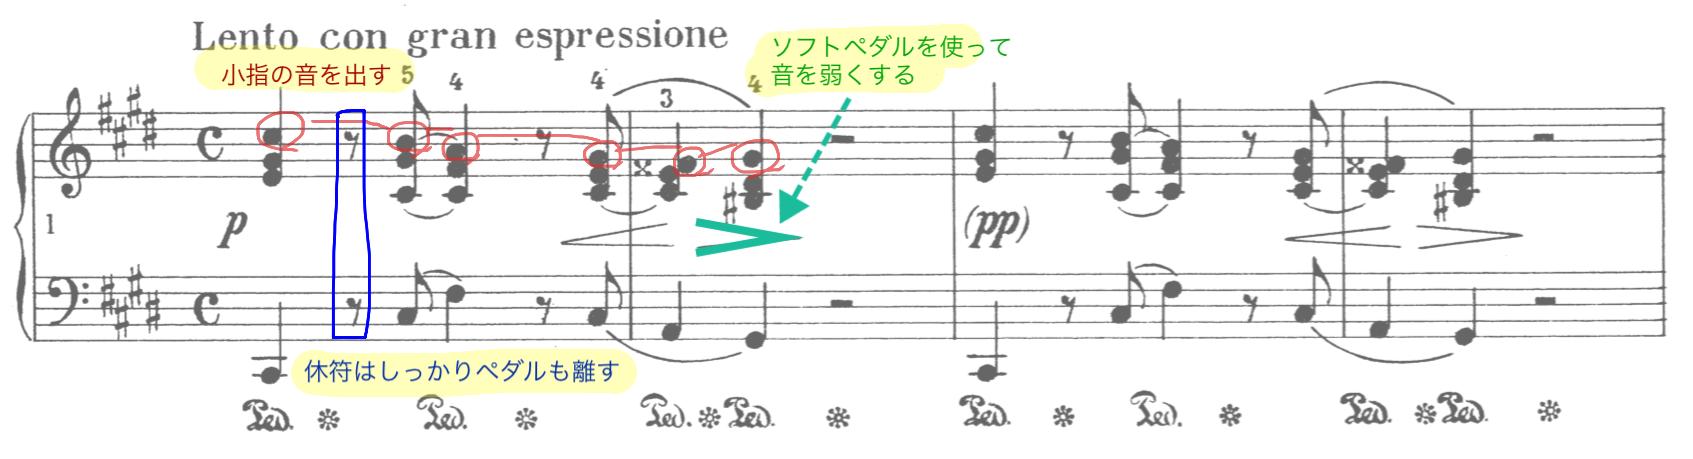 悲しげ旋律が印象的な序奏